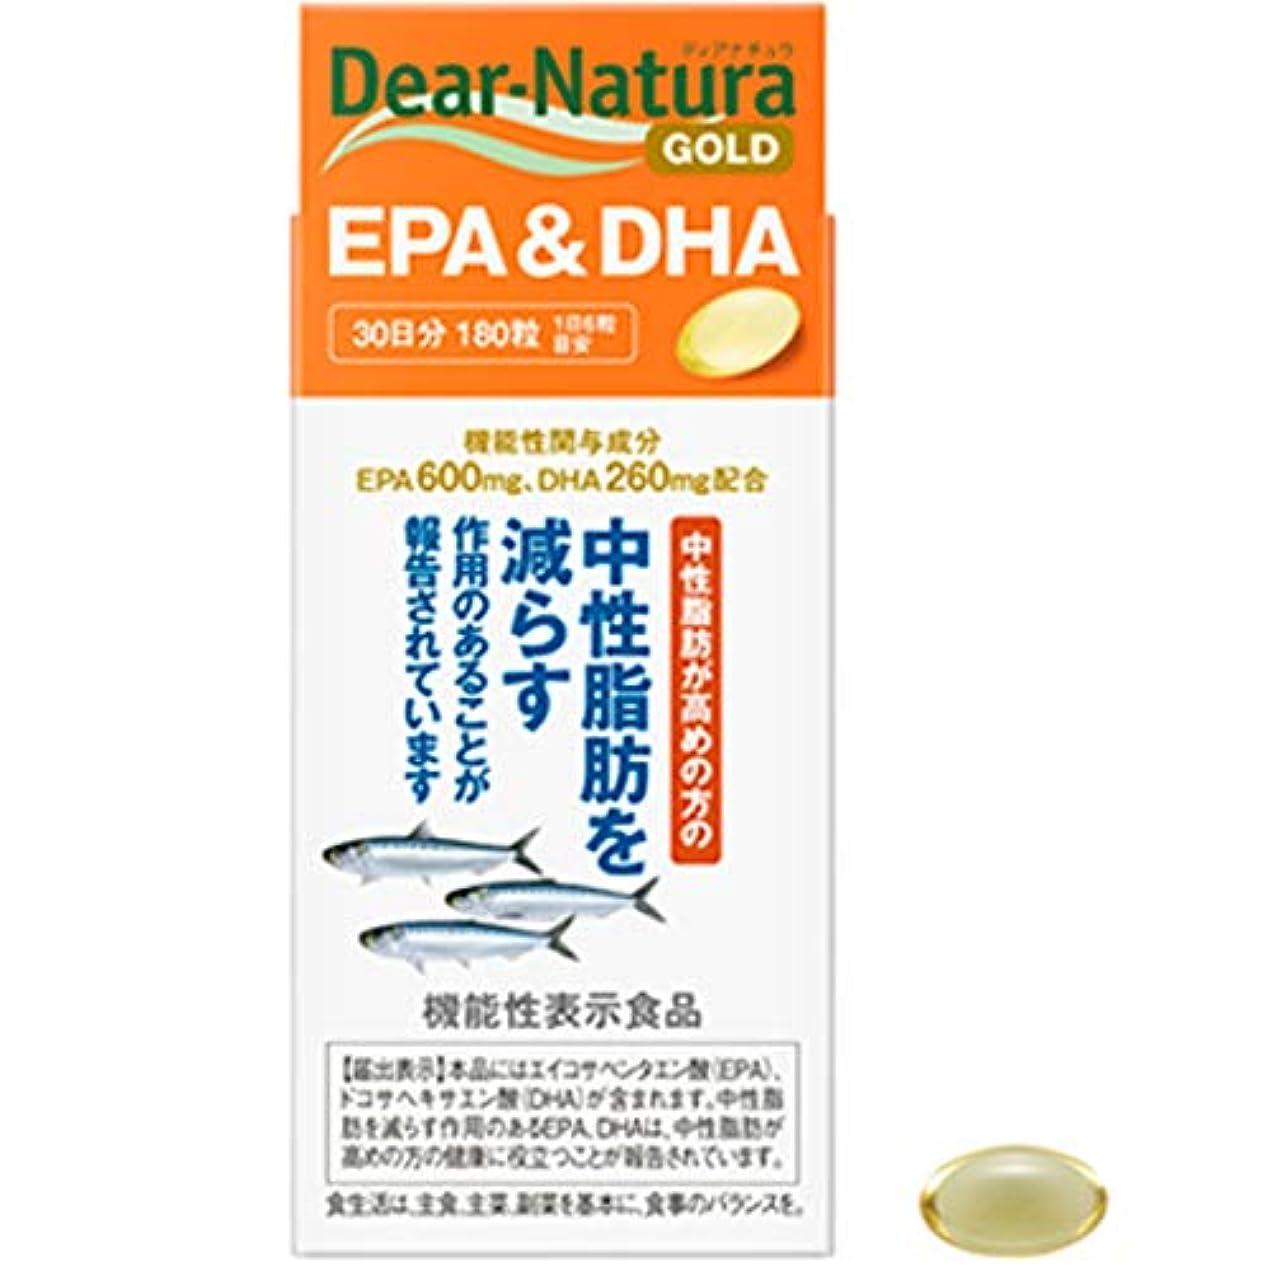 不満ゼロ早いディアナチュラゴールド EPA&DHA 30日分 180粒入×5個セット